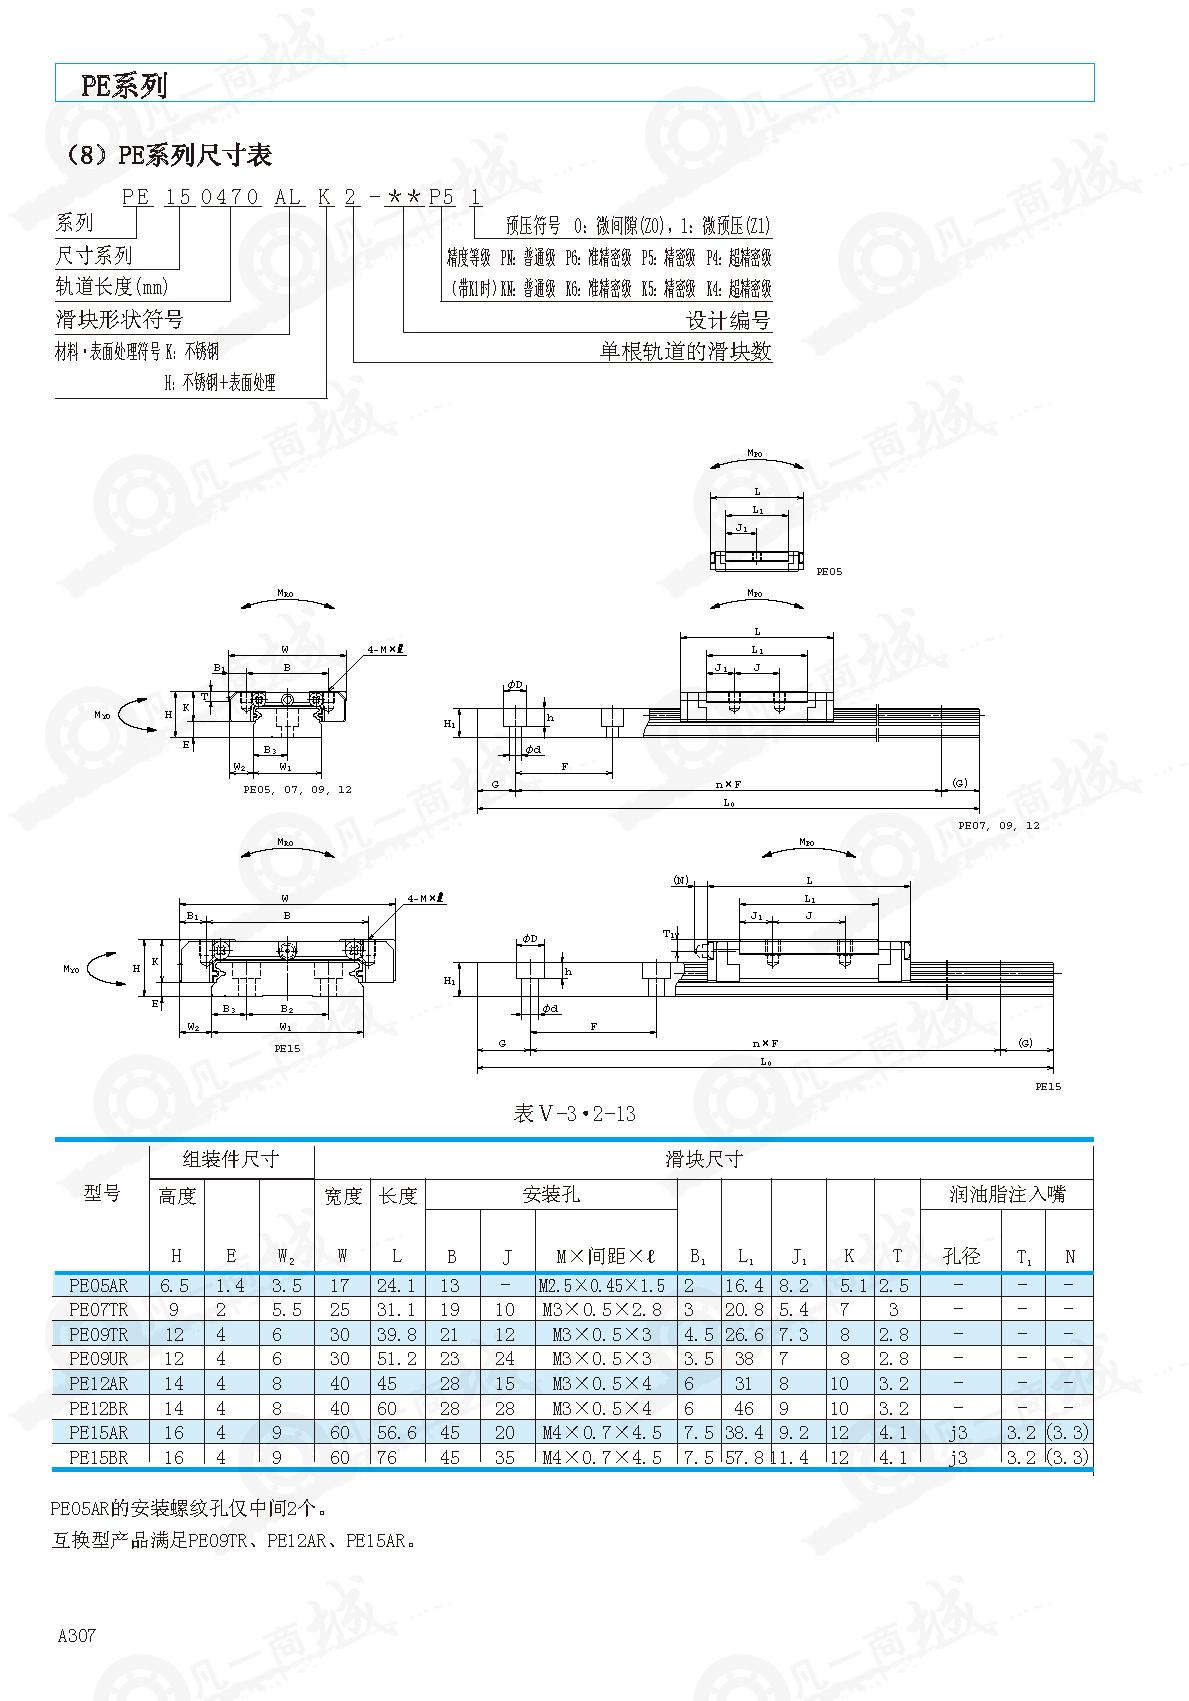 微型NSK直线导轨PE12BR-不锈钢型